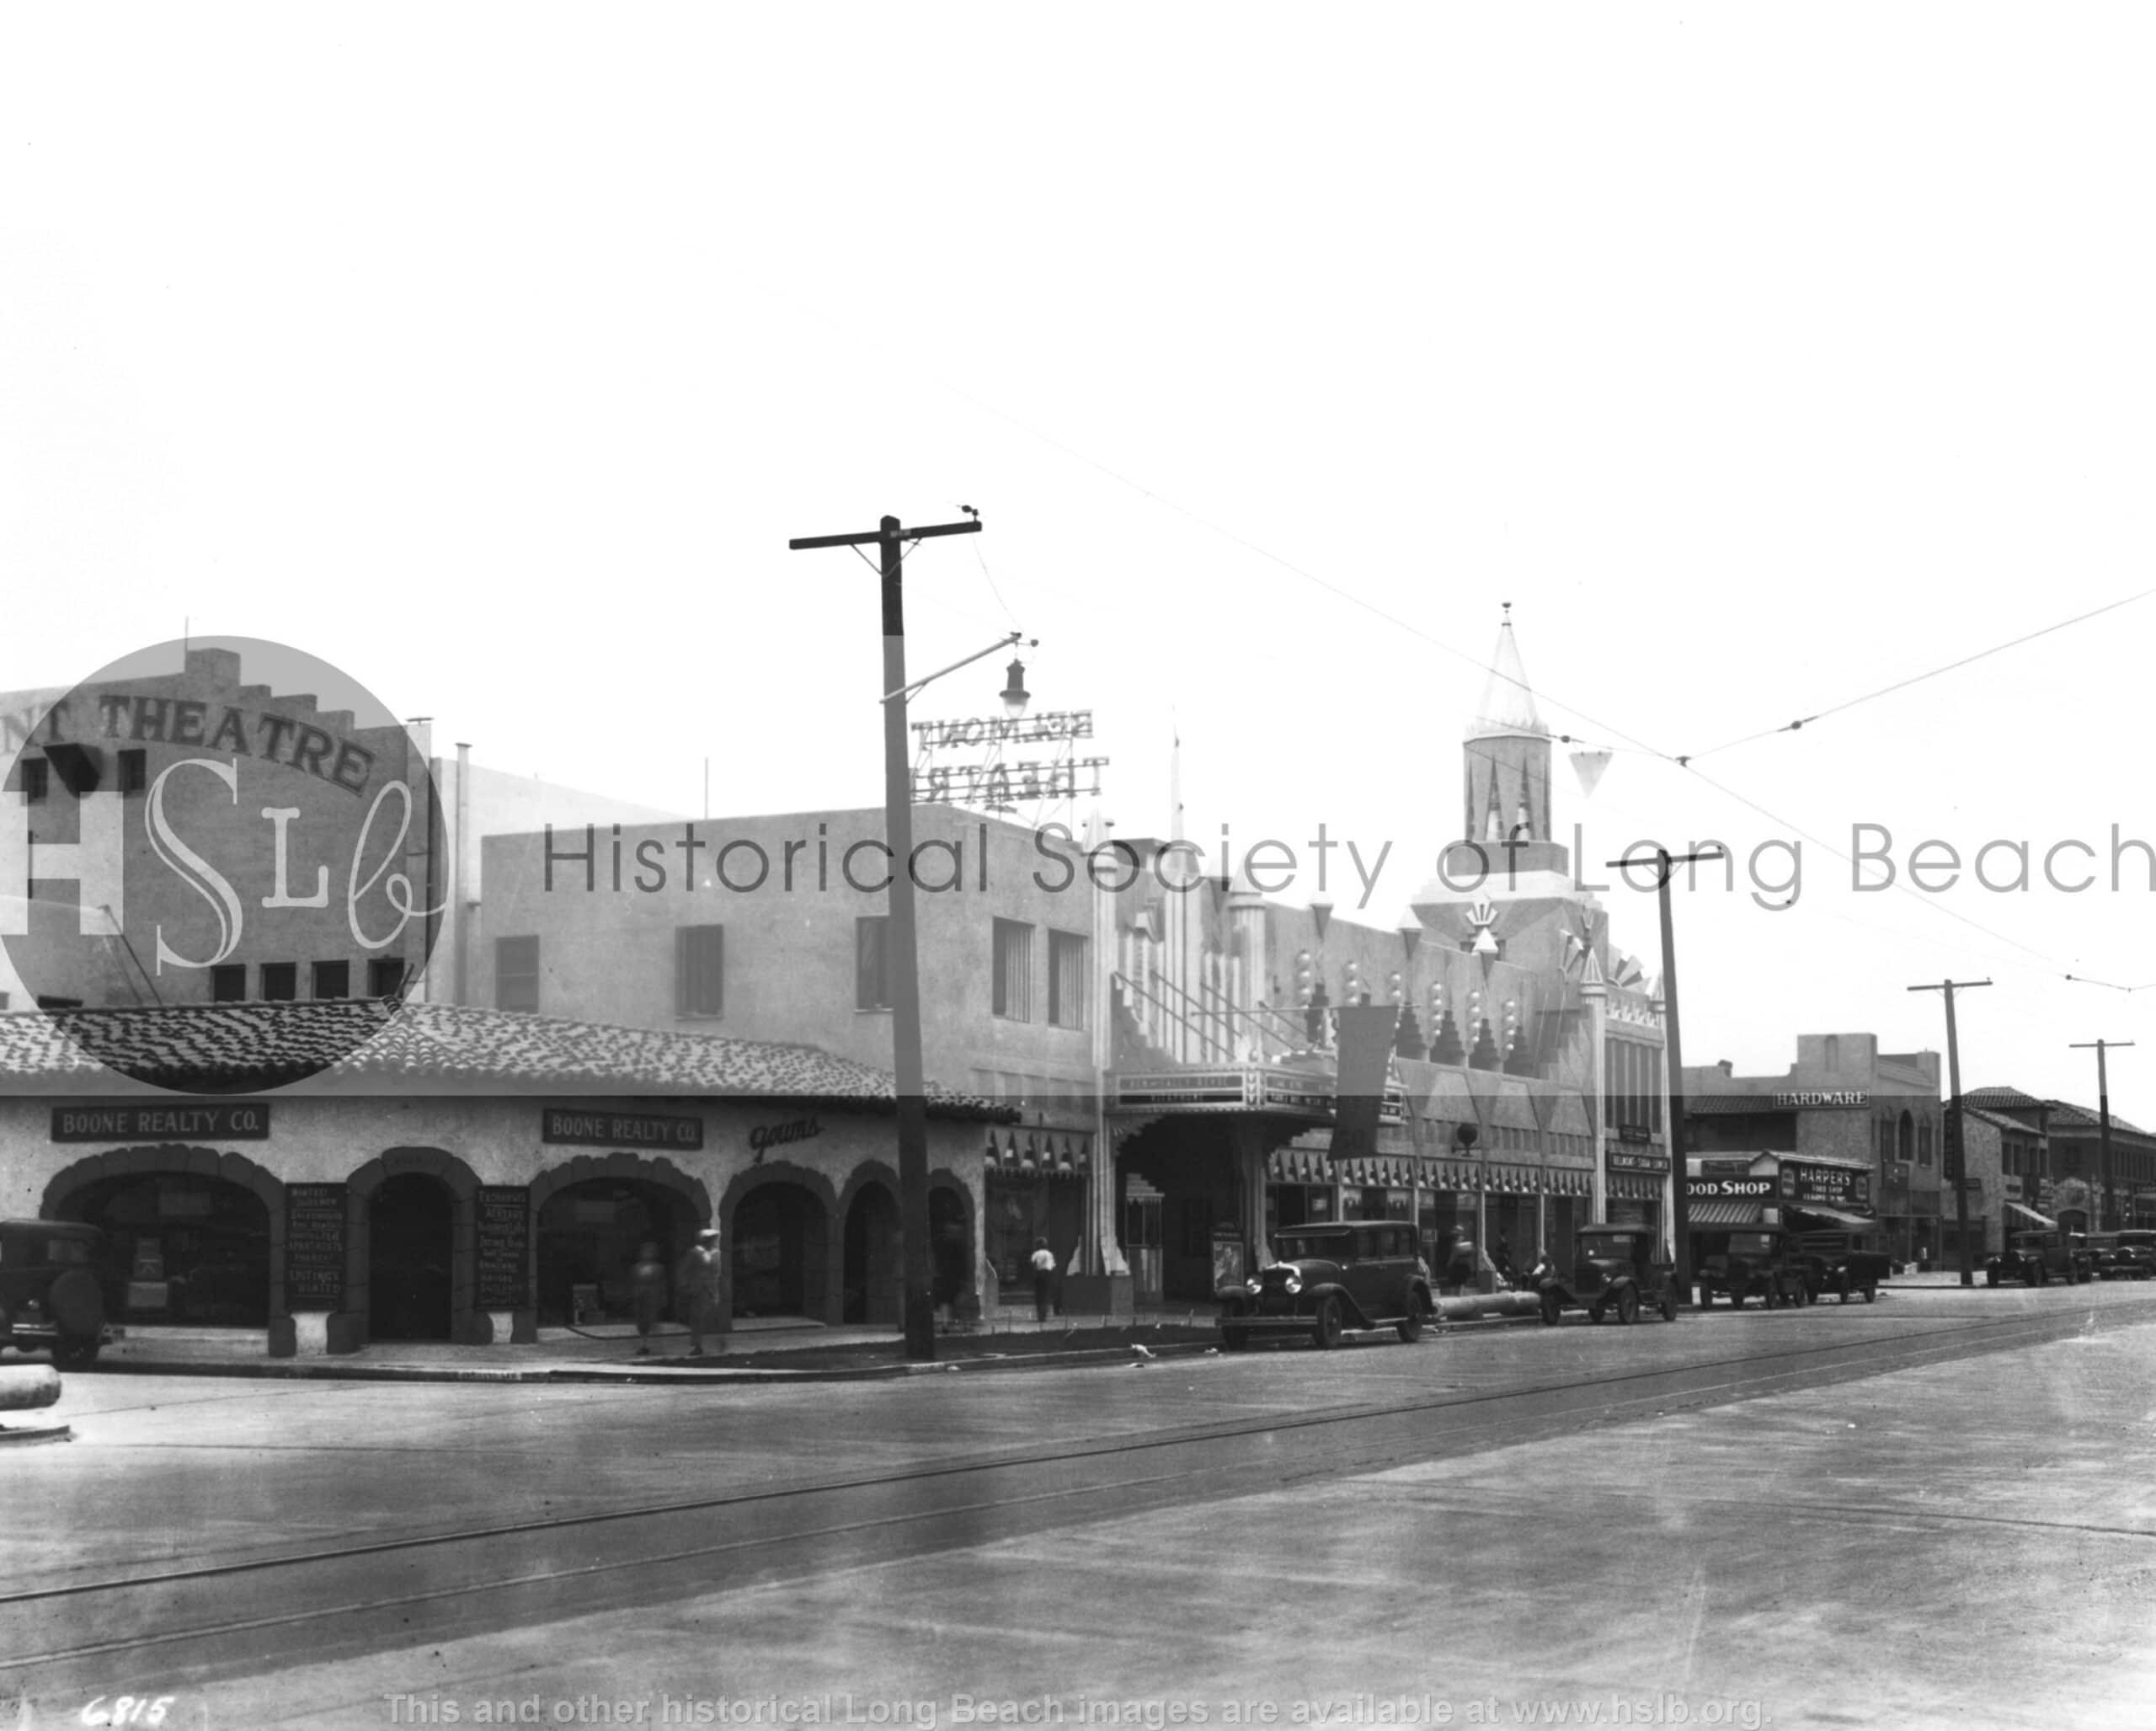 Belmont Shore Second St, c. 1930